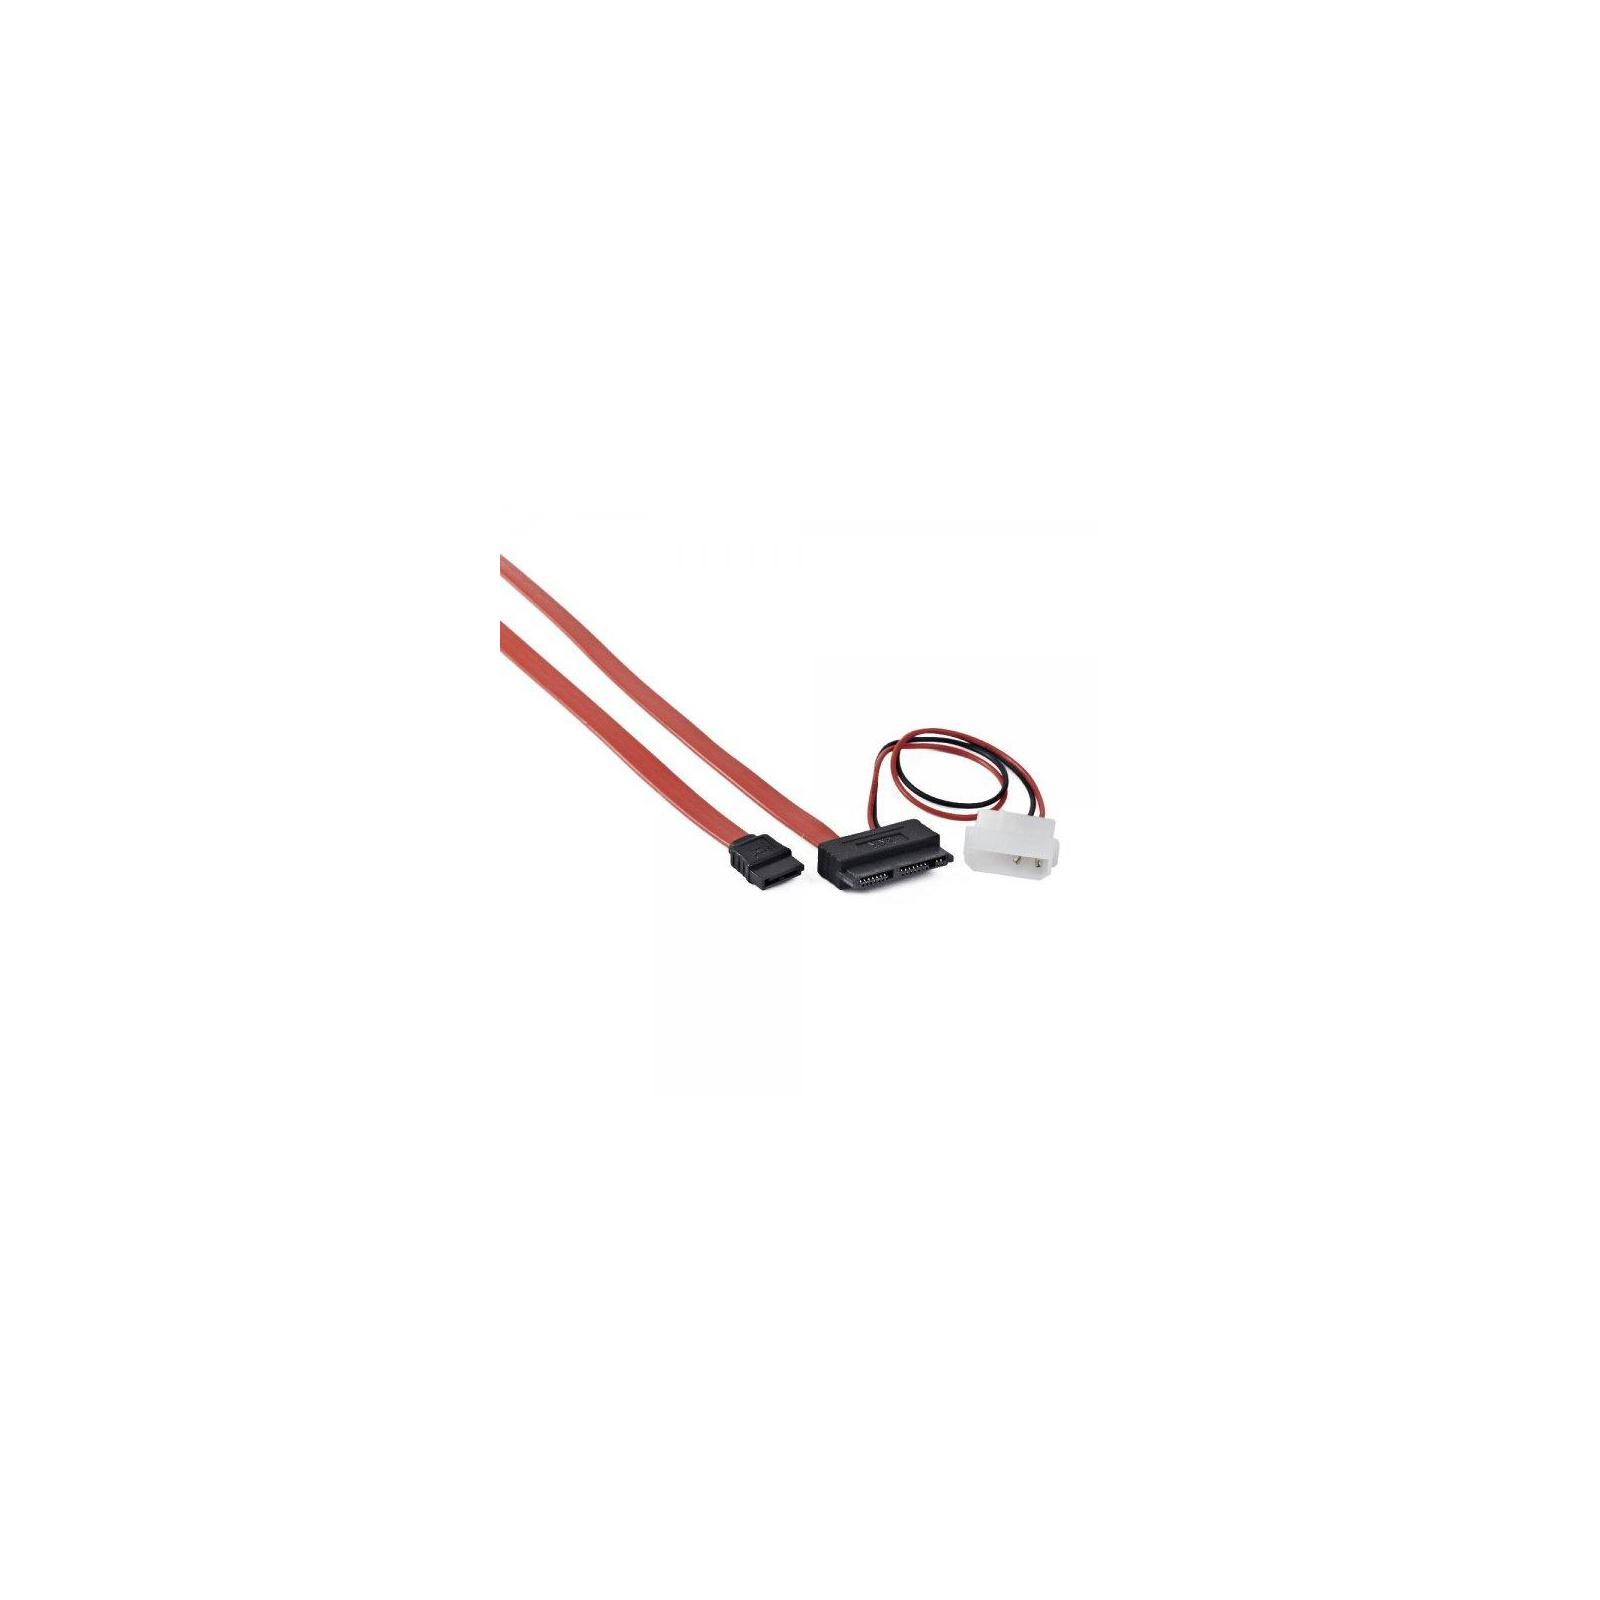 Кабель для передачи данных Molex+SATA to MicroSATA 0.25m Cablexpert (CC-MSATA-001) изображение 3